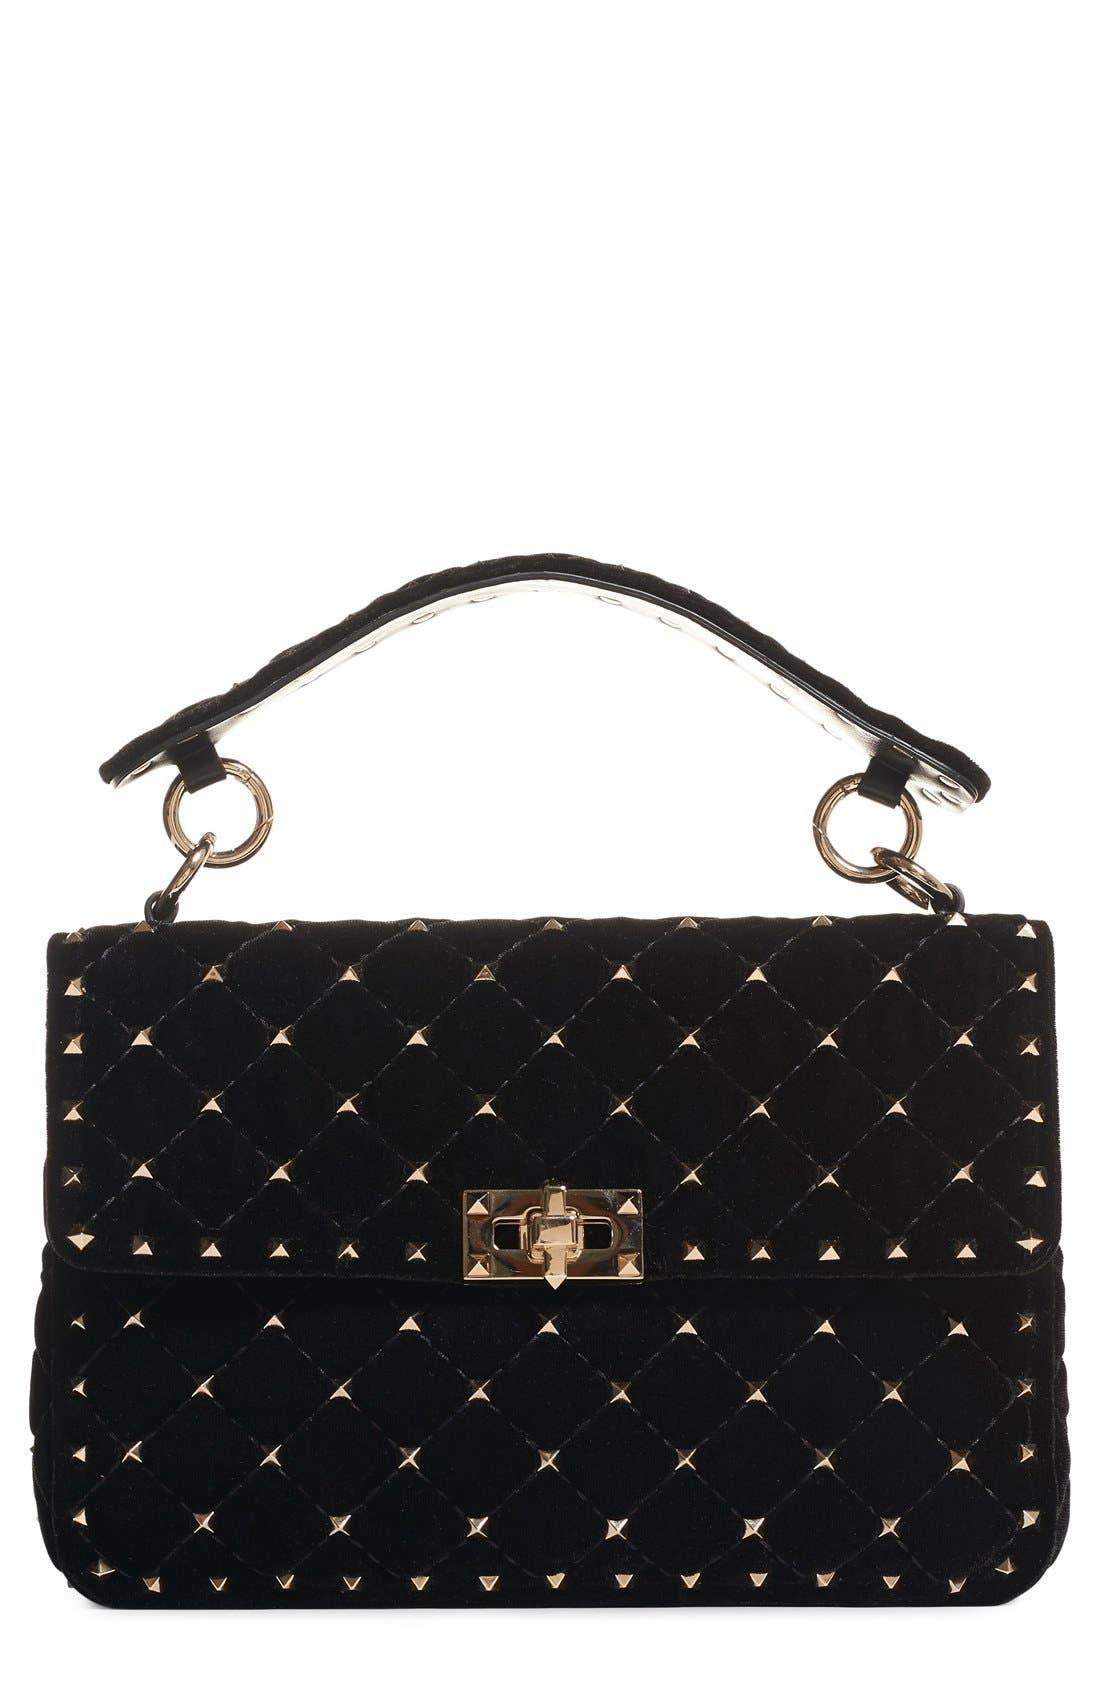 Main Image - VALENTINO GARAVANI Rockstud Quilted Leather Shoulder Bag